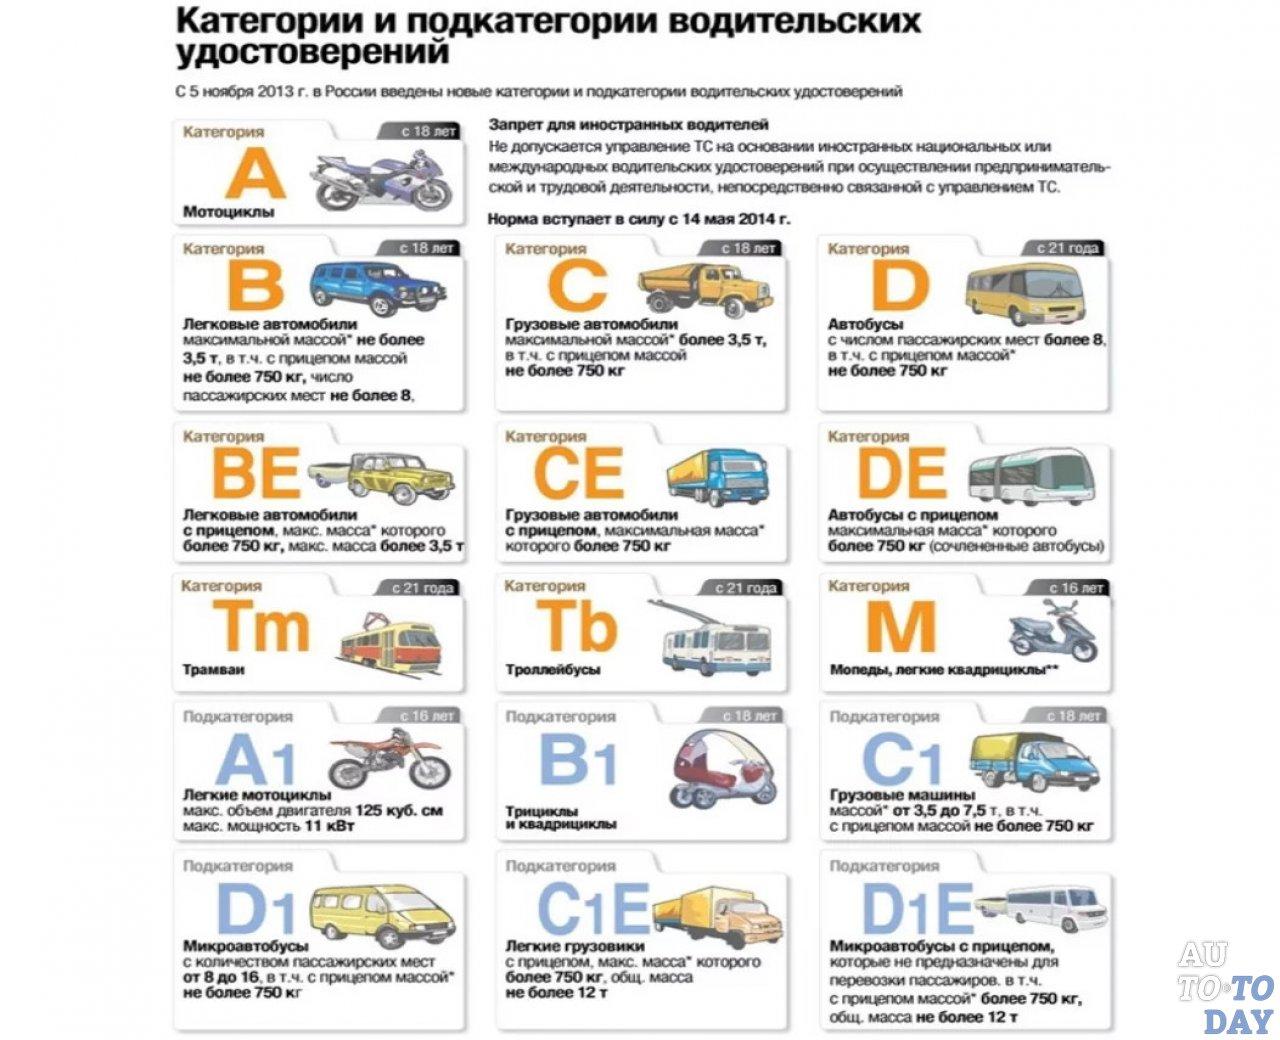 Картинки категорий водительских прав